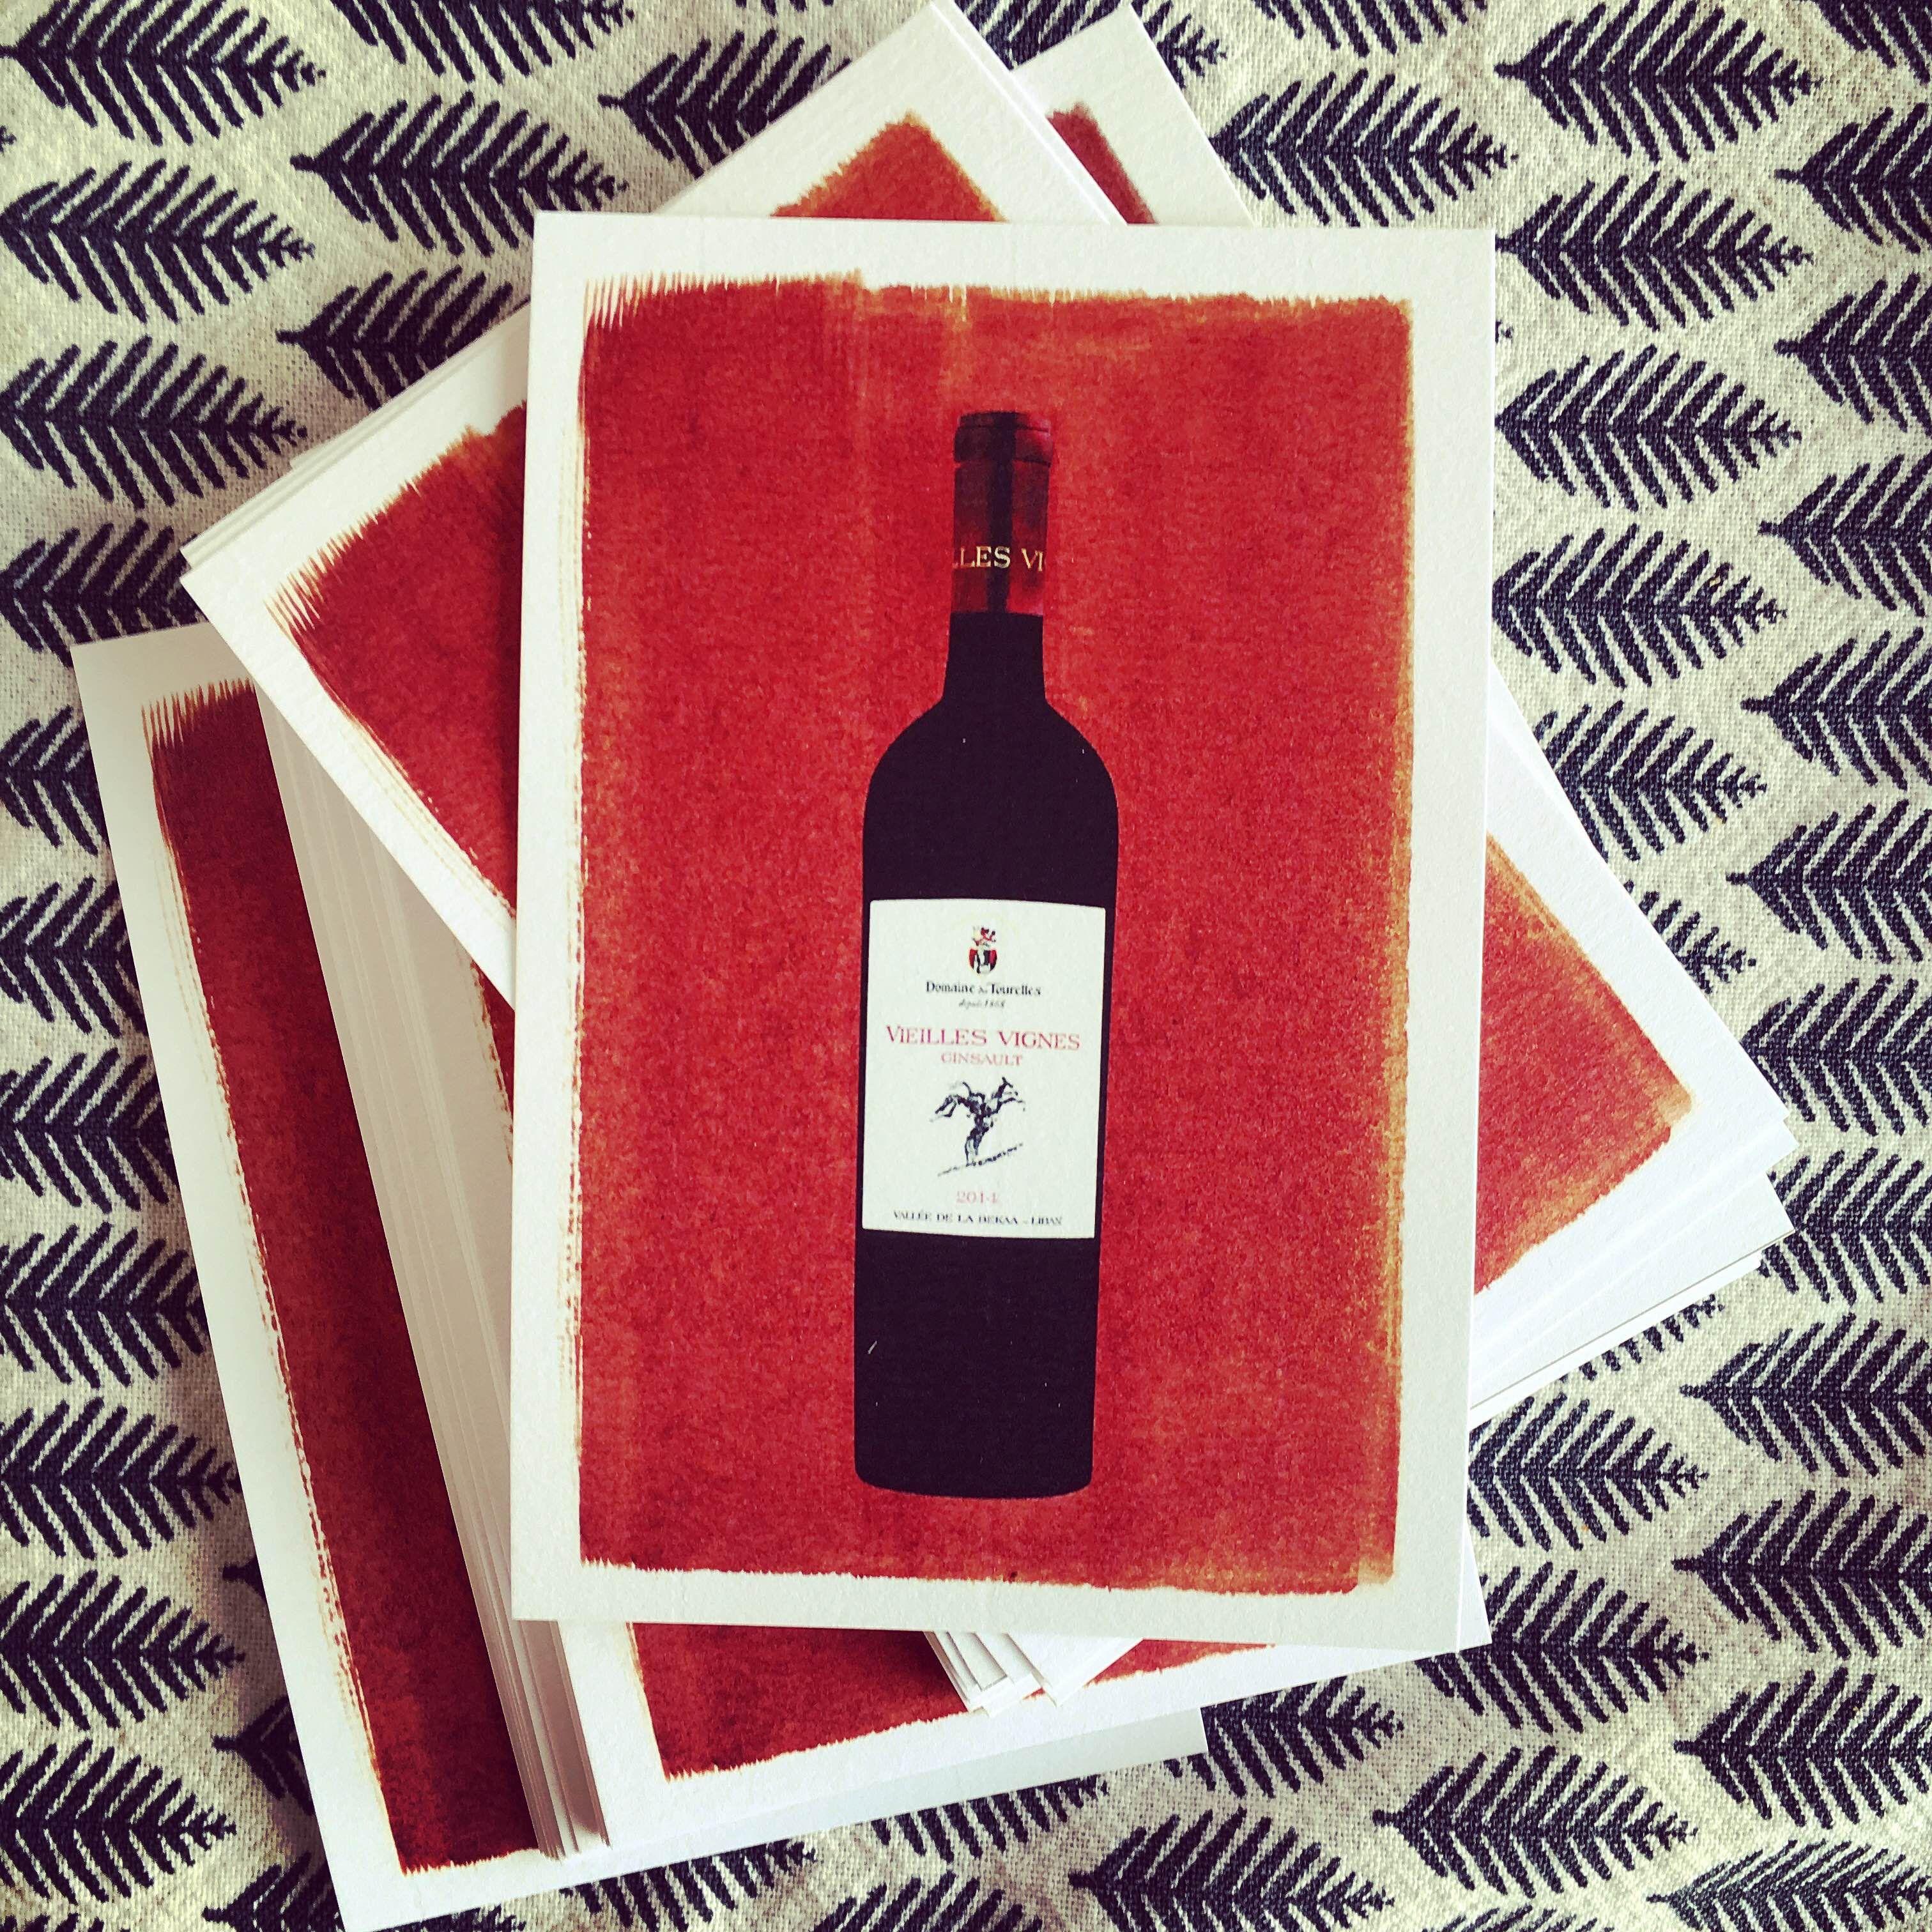 Vieilles Vignes La Derniere Revelation Du Domaine Des Tourelles Bientot En Vente Au Liban Et Dans Le Monde Domainedestourelles Winery Lebanonwin Con Imagenes Cola